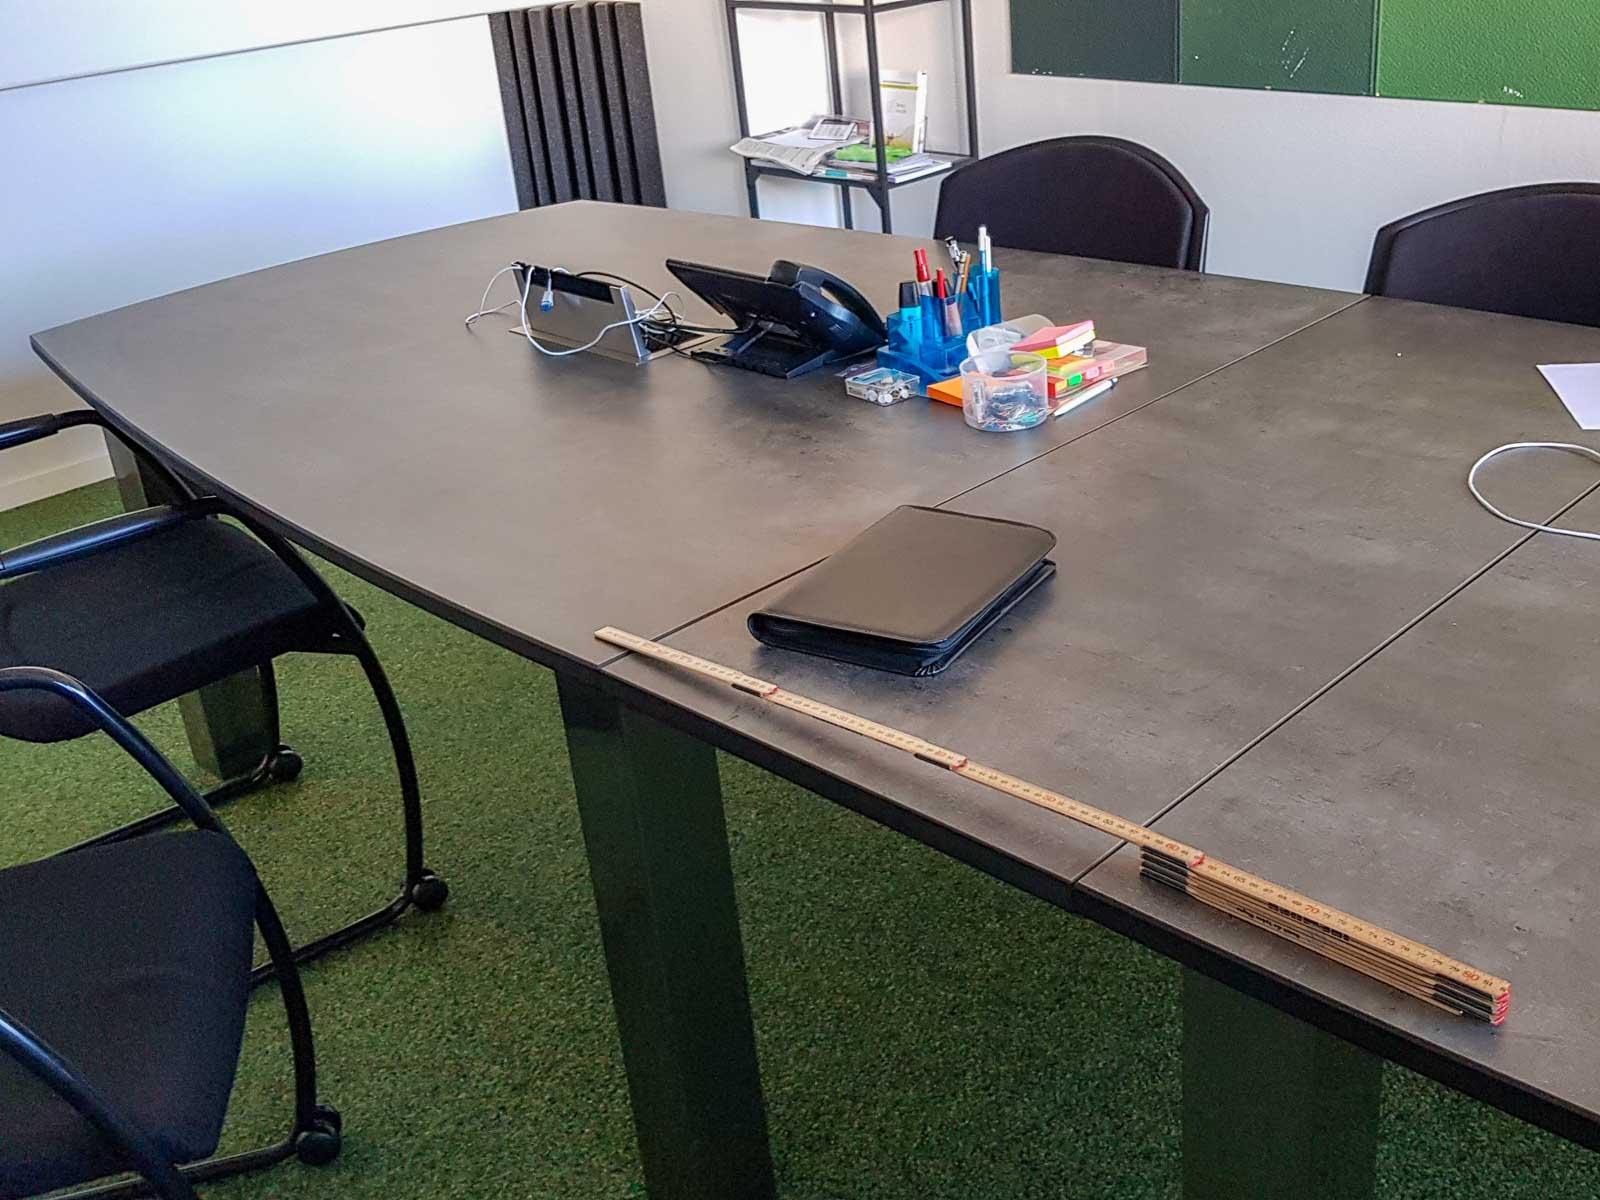 Wooddesign_Sitzungszimmer_Sitzungstisch_Besprechungstisch_erweiterbar_versenkbare Steckdose_Tischverlängerung (5)